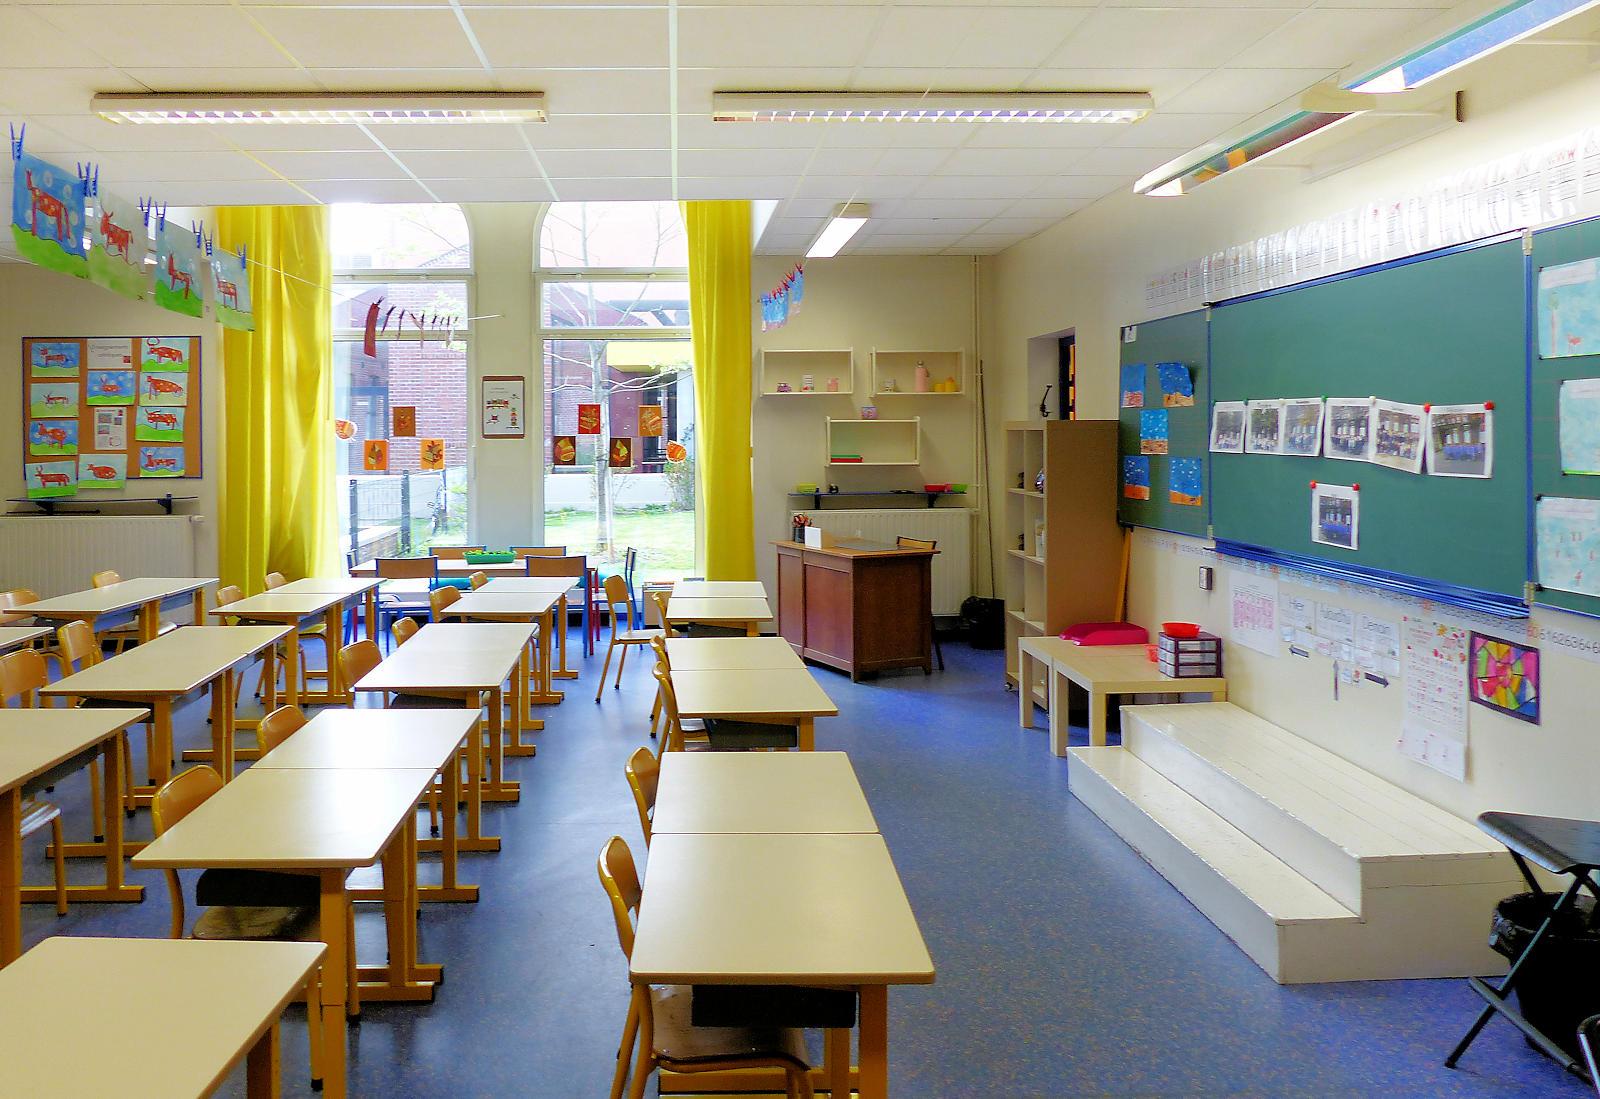 École Primaire CNDI, Tourcoing - Salle de classe, 2019.